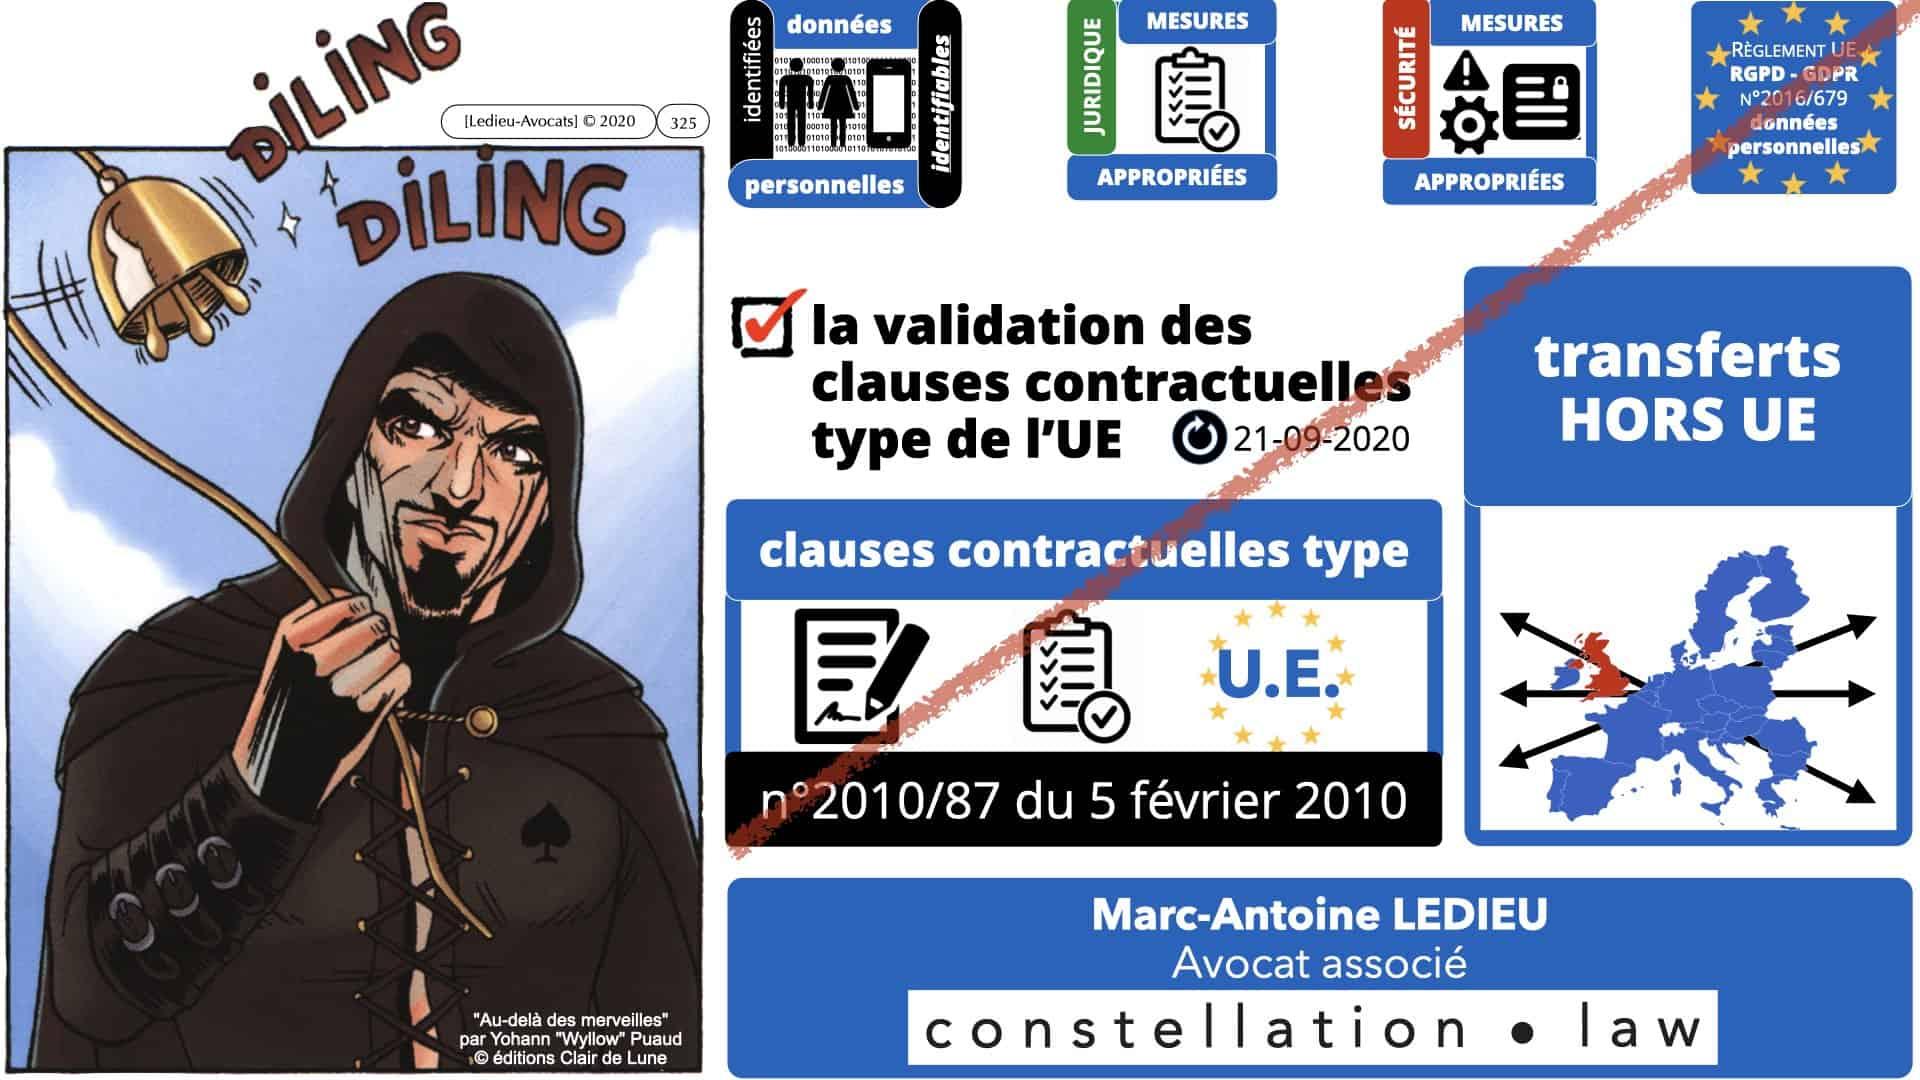 RGPD e-Privacy données personnelles jurisprudence formation Lamy Les Echos 10-02-2021 ©Ledieu-Avocats.325